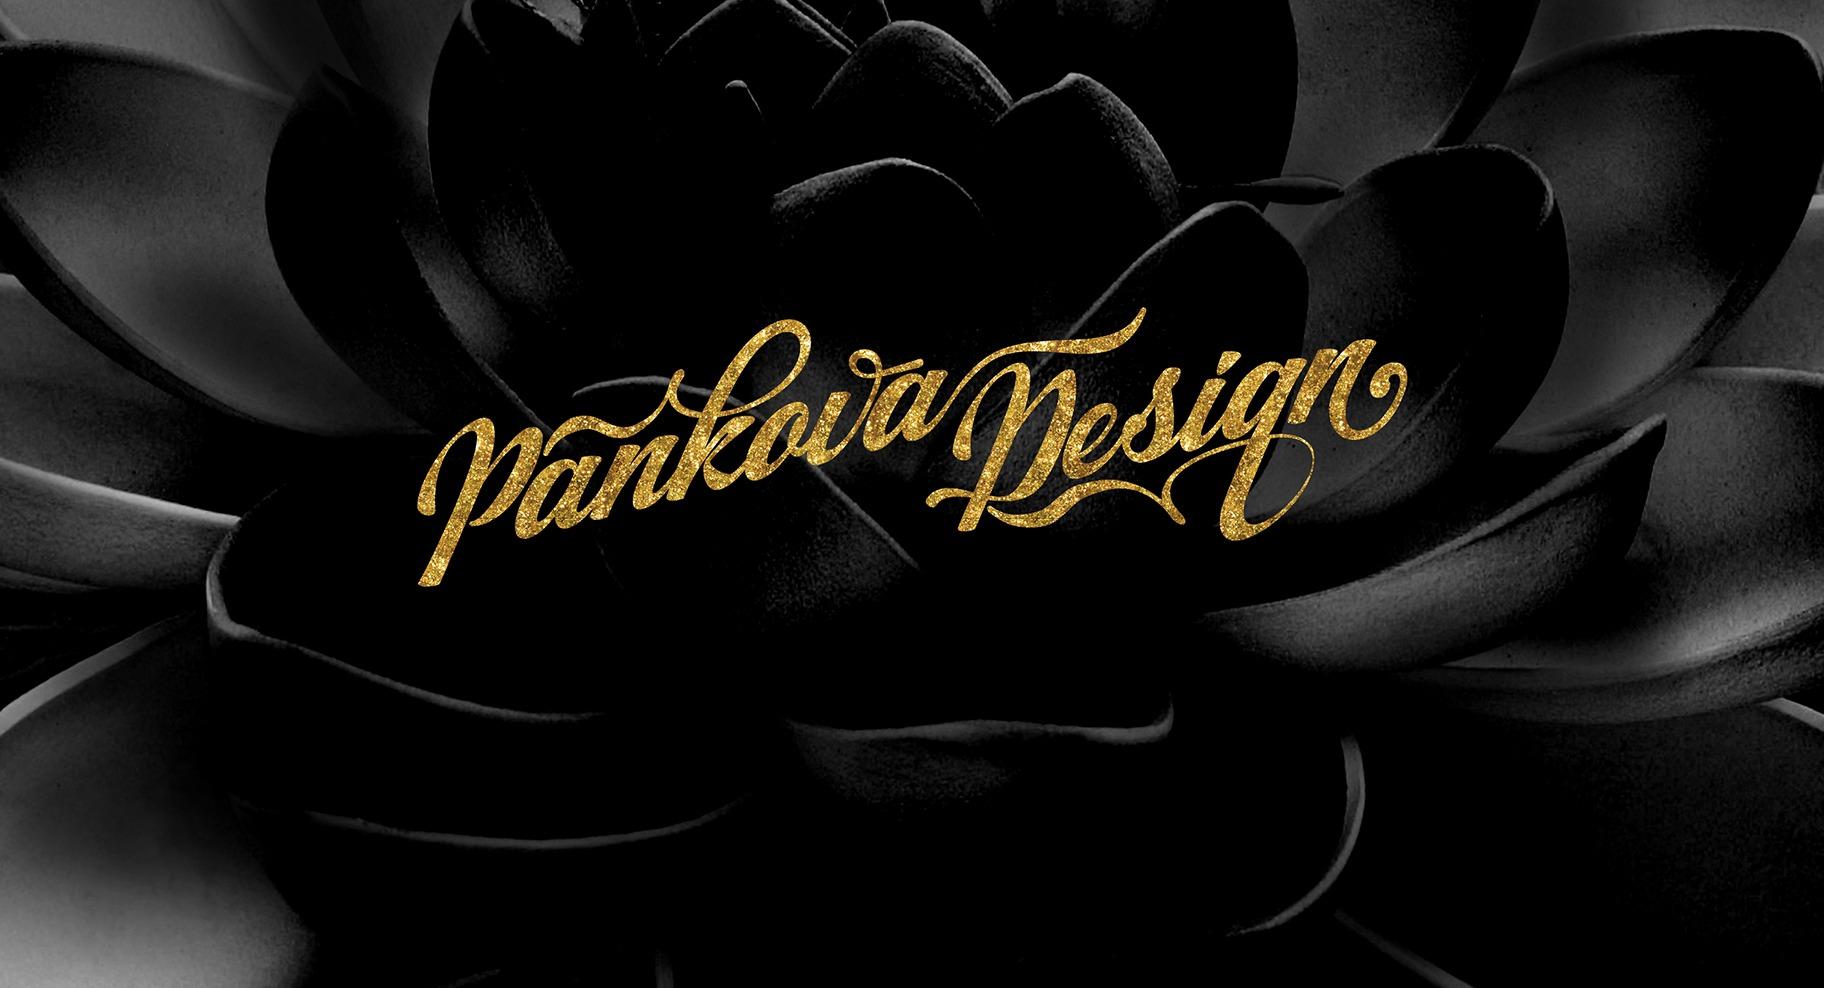 Pankova设计